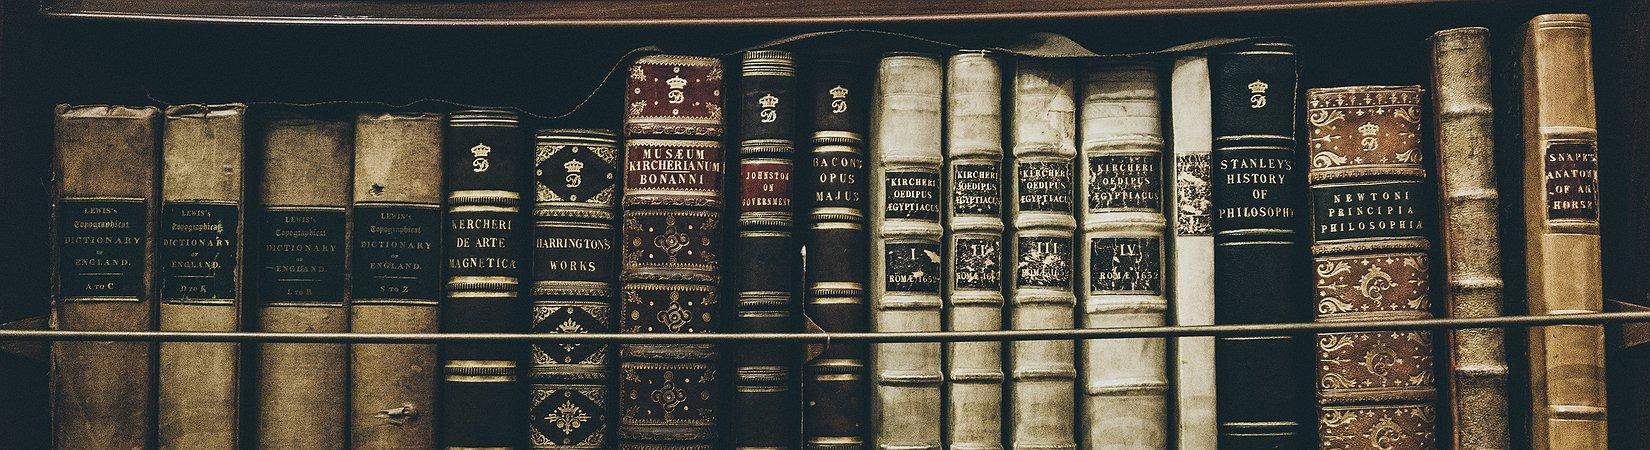 Cómo adoptar los hábitos de lectura de los multimillonarios